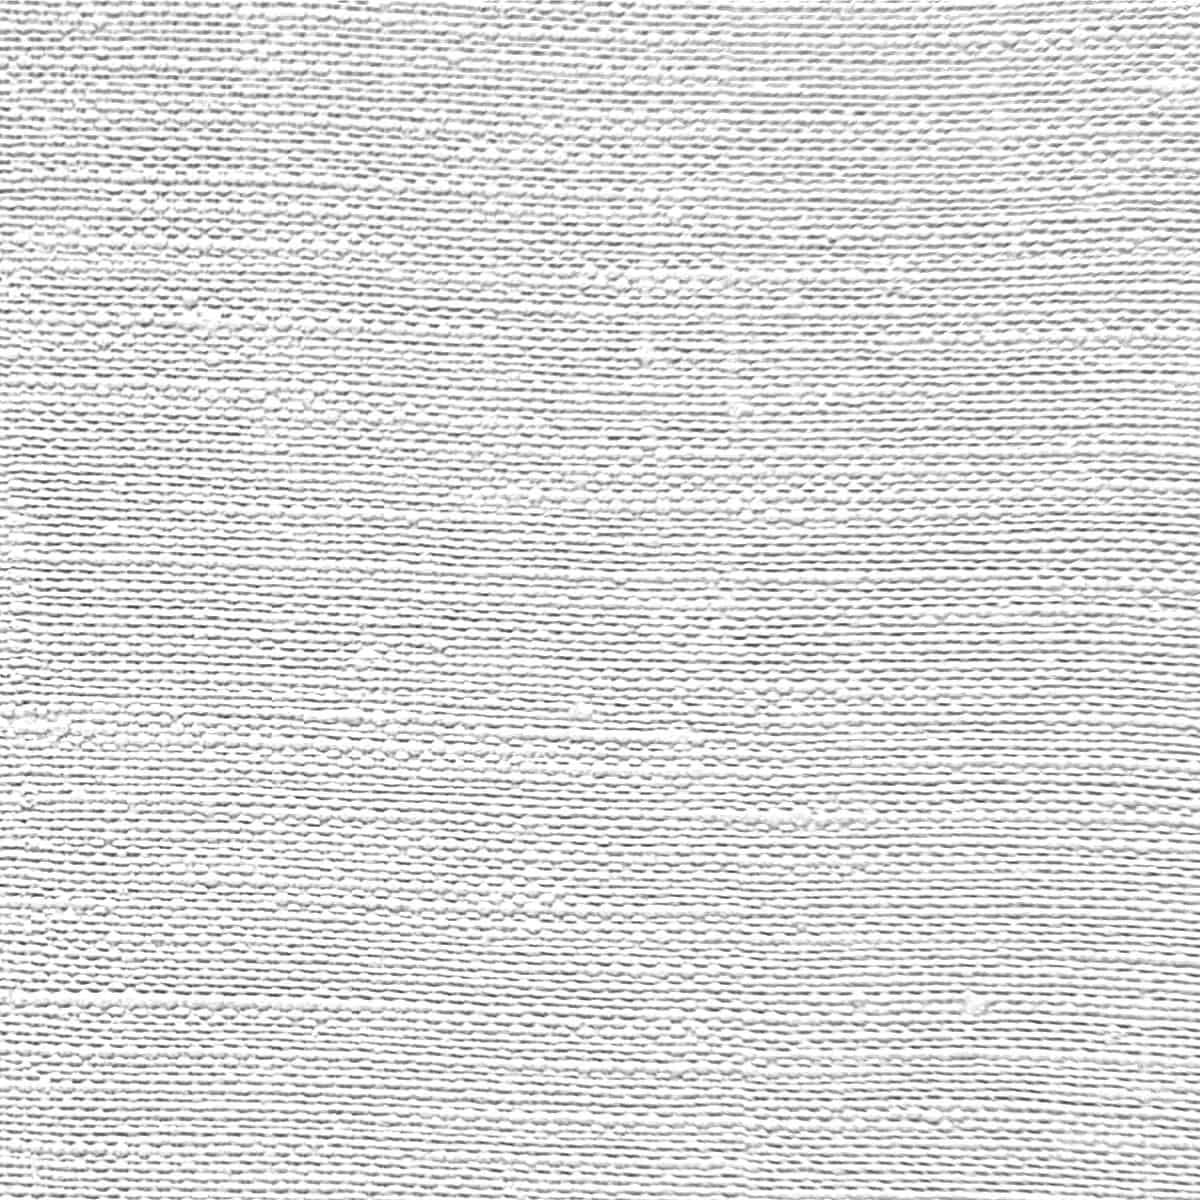 Fine Linen Texture